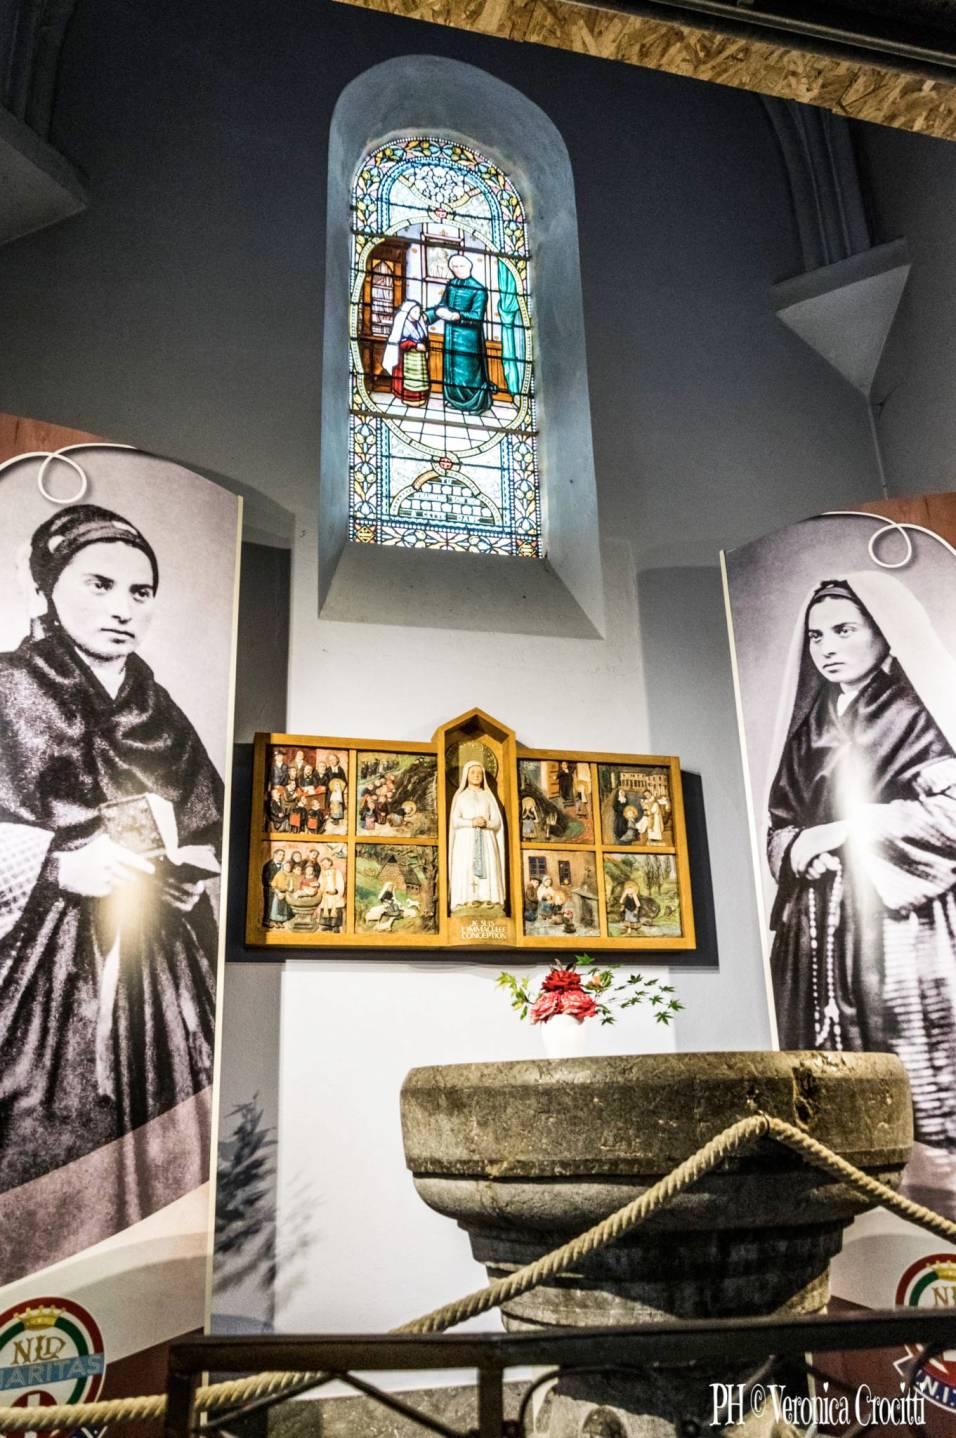 Fonte Battesimale Bernadette (Chiesa Parrocchiale del Sacro Cuore). Lourdes, Francia